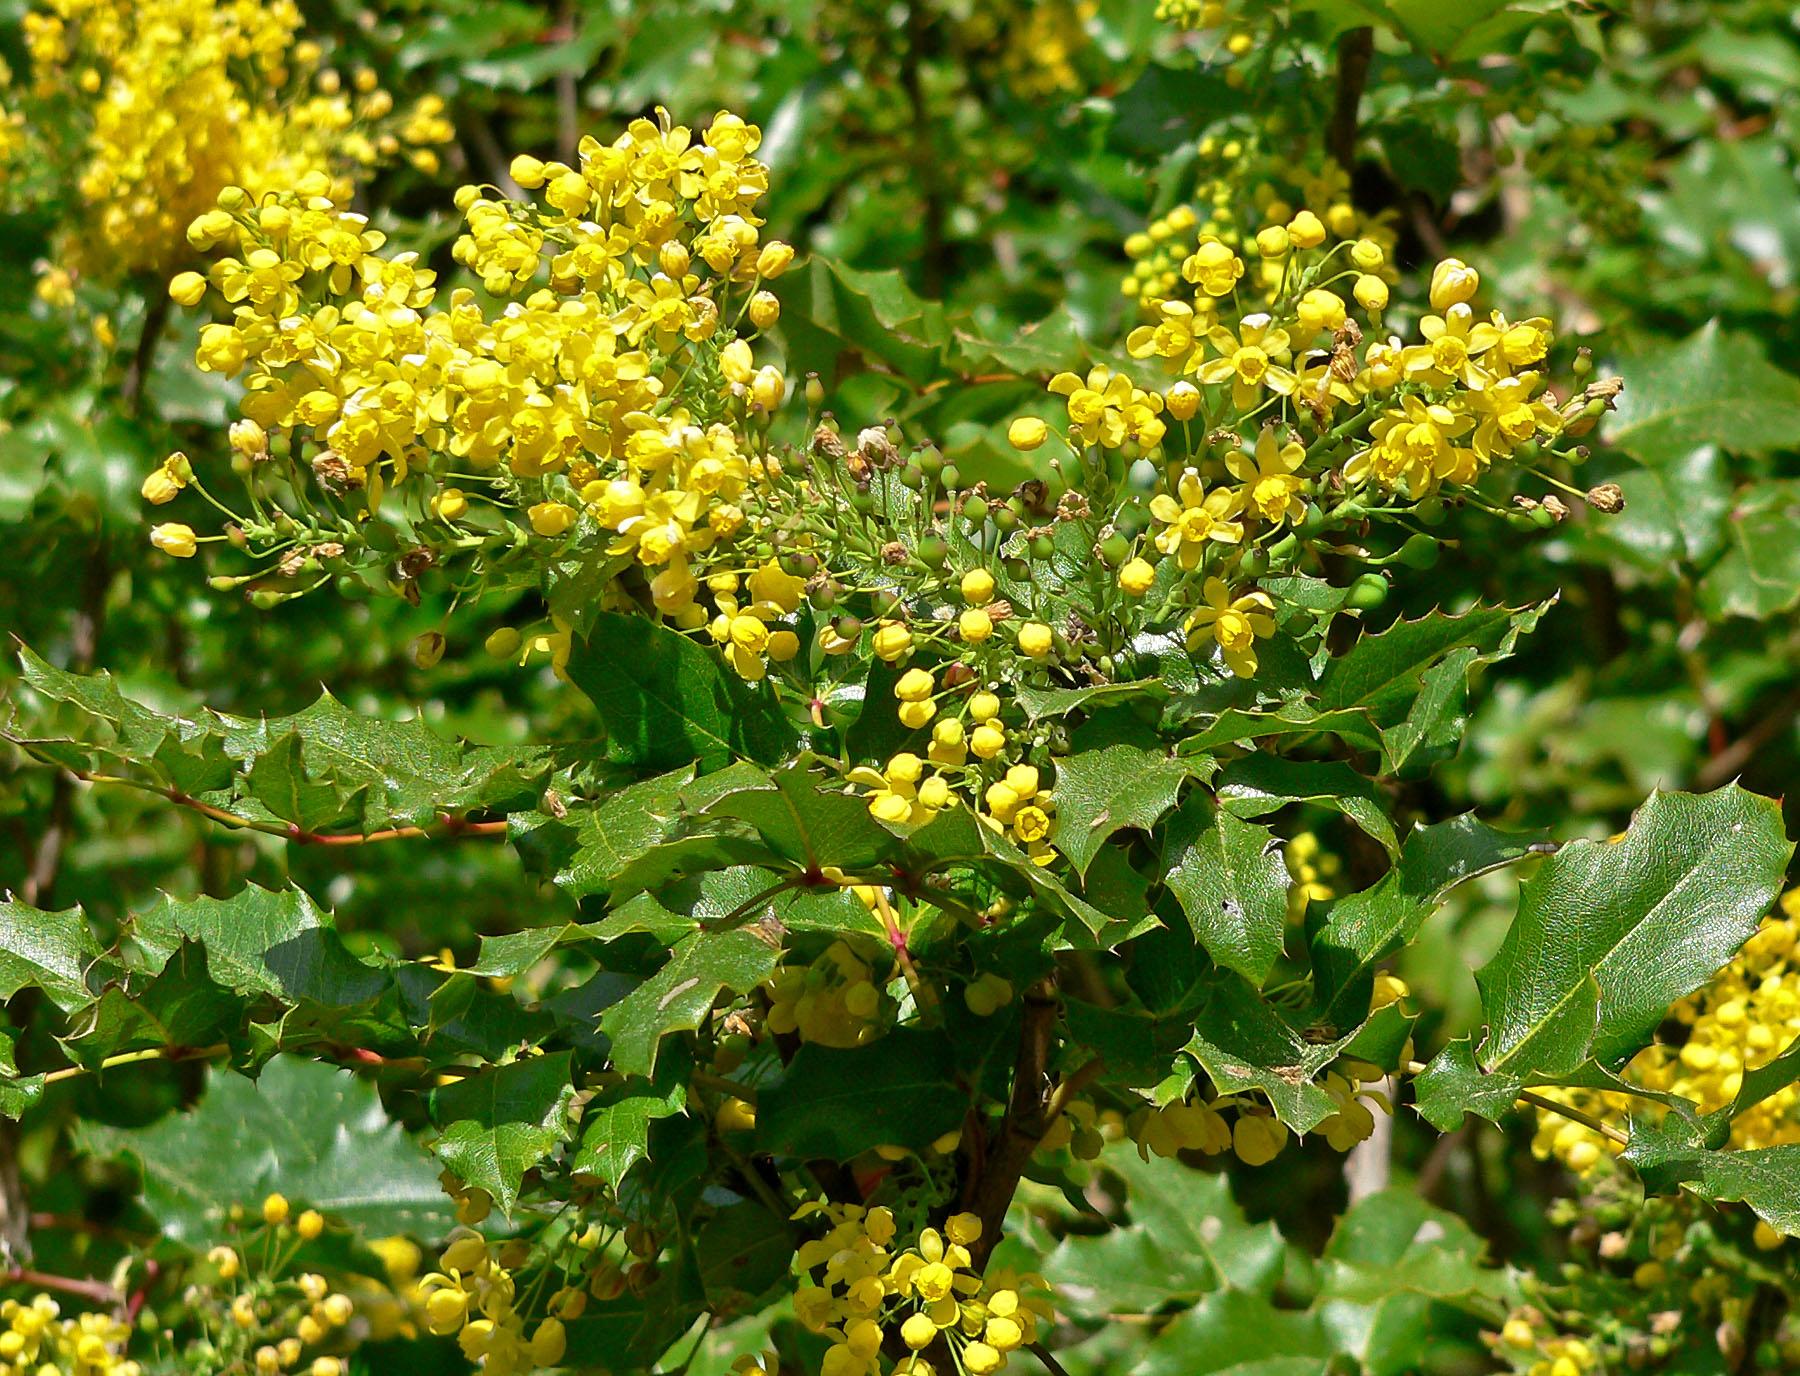 Fiori Gialli A Grappolo.Mahonia Berberidaceae